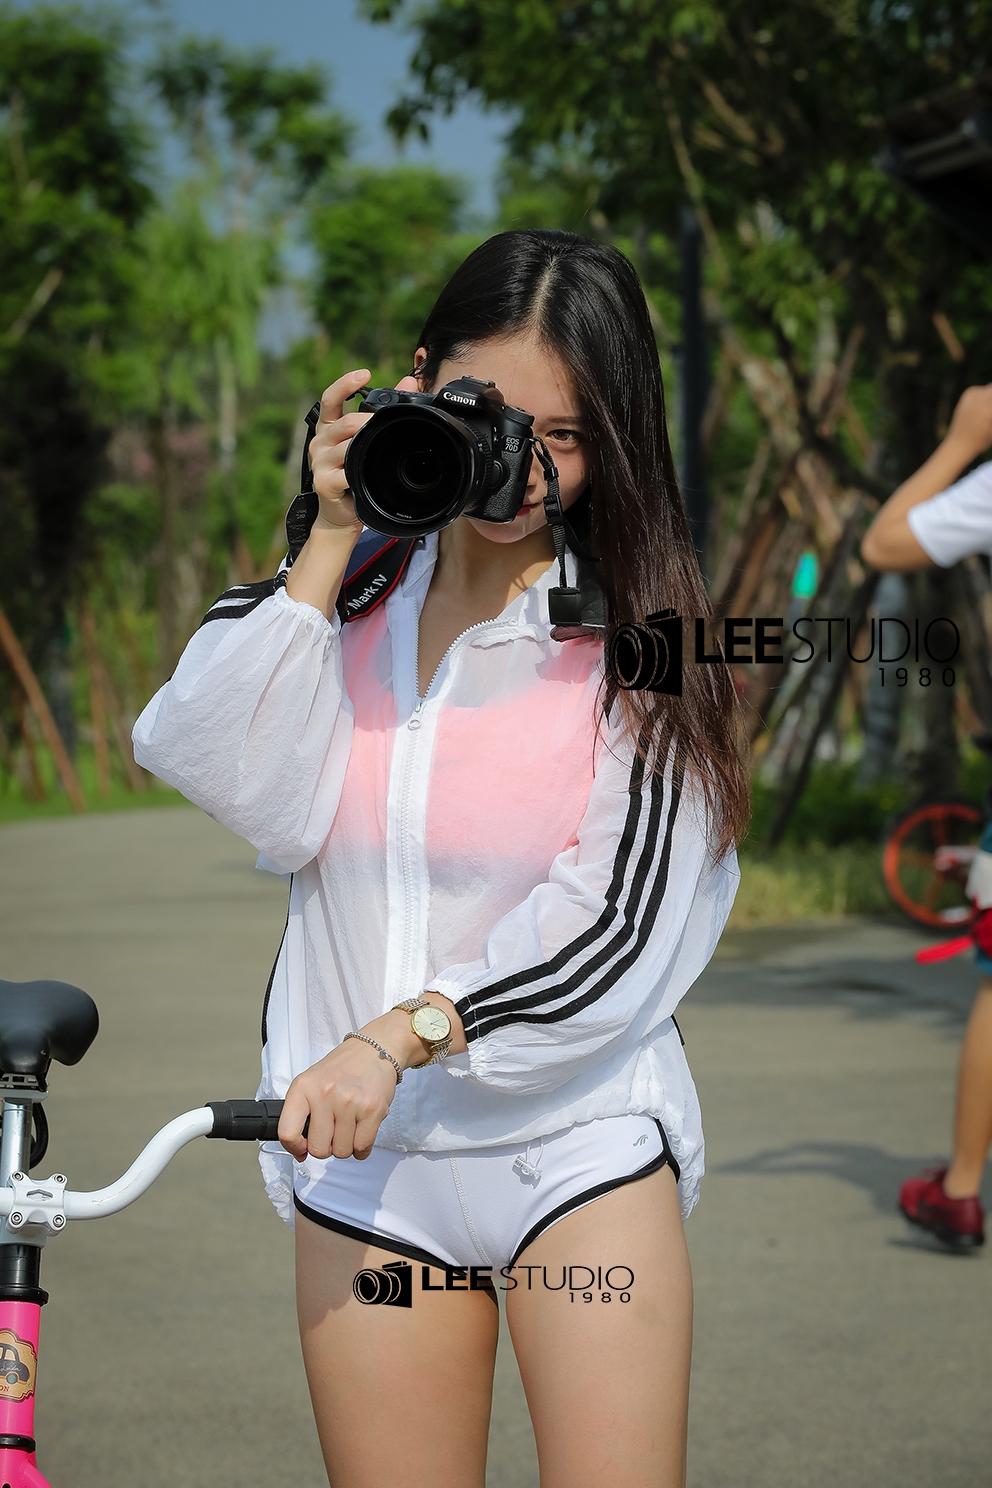 骑妹视频性爱_街拍;搭配青春靓丽,那些女生骑自行车跑步的好处